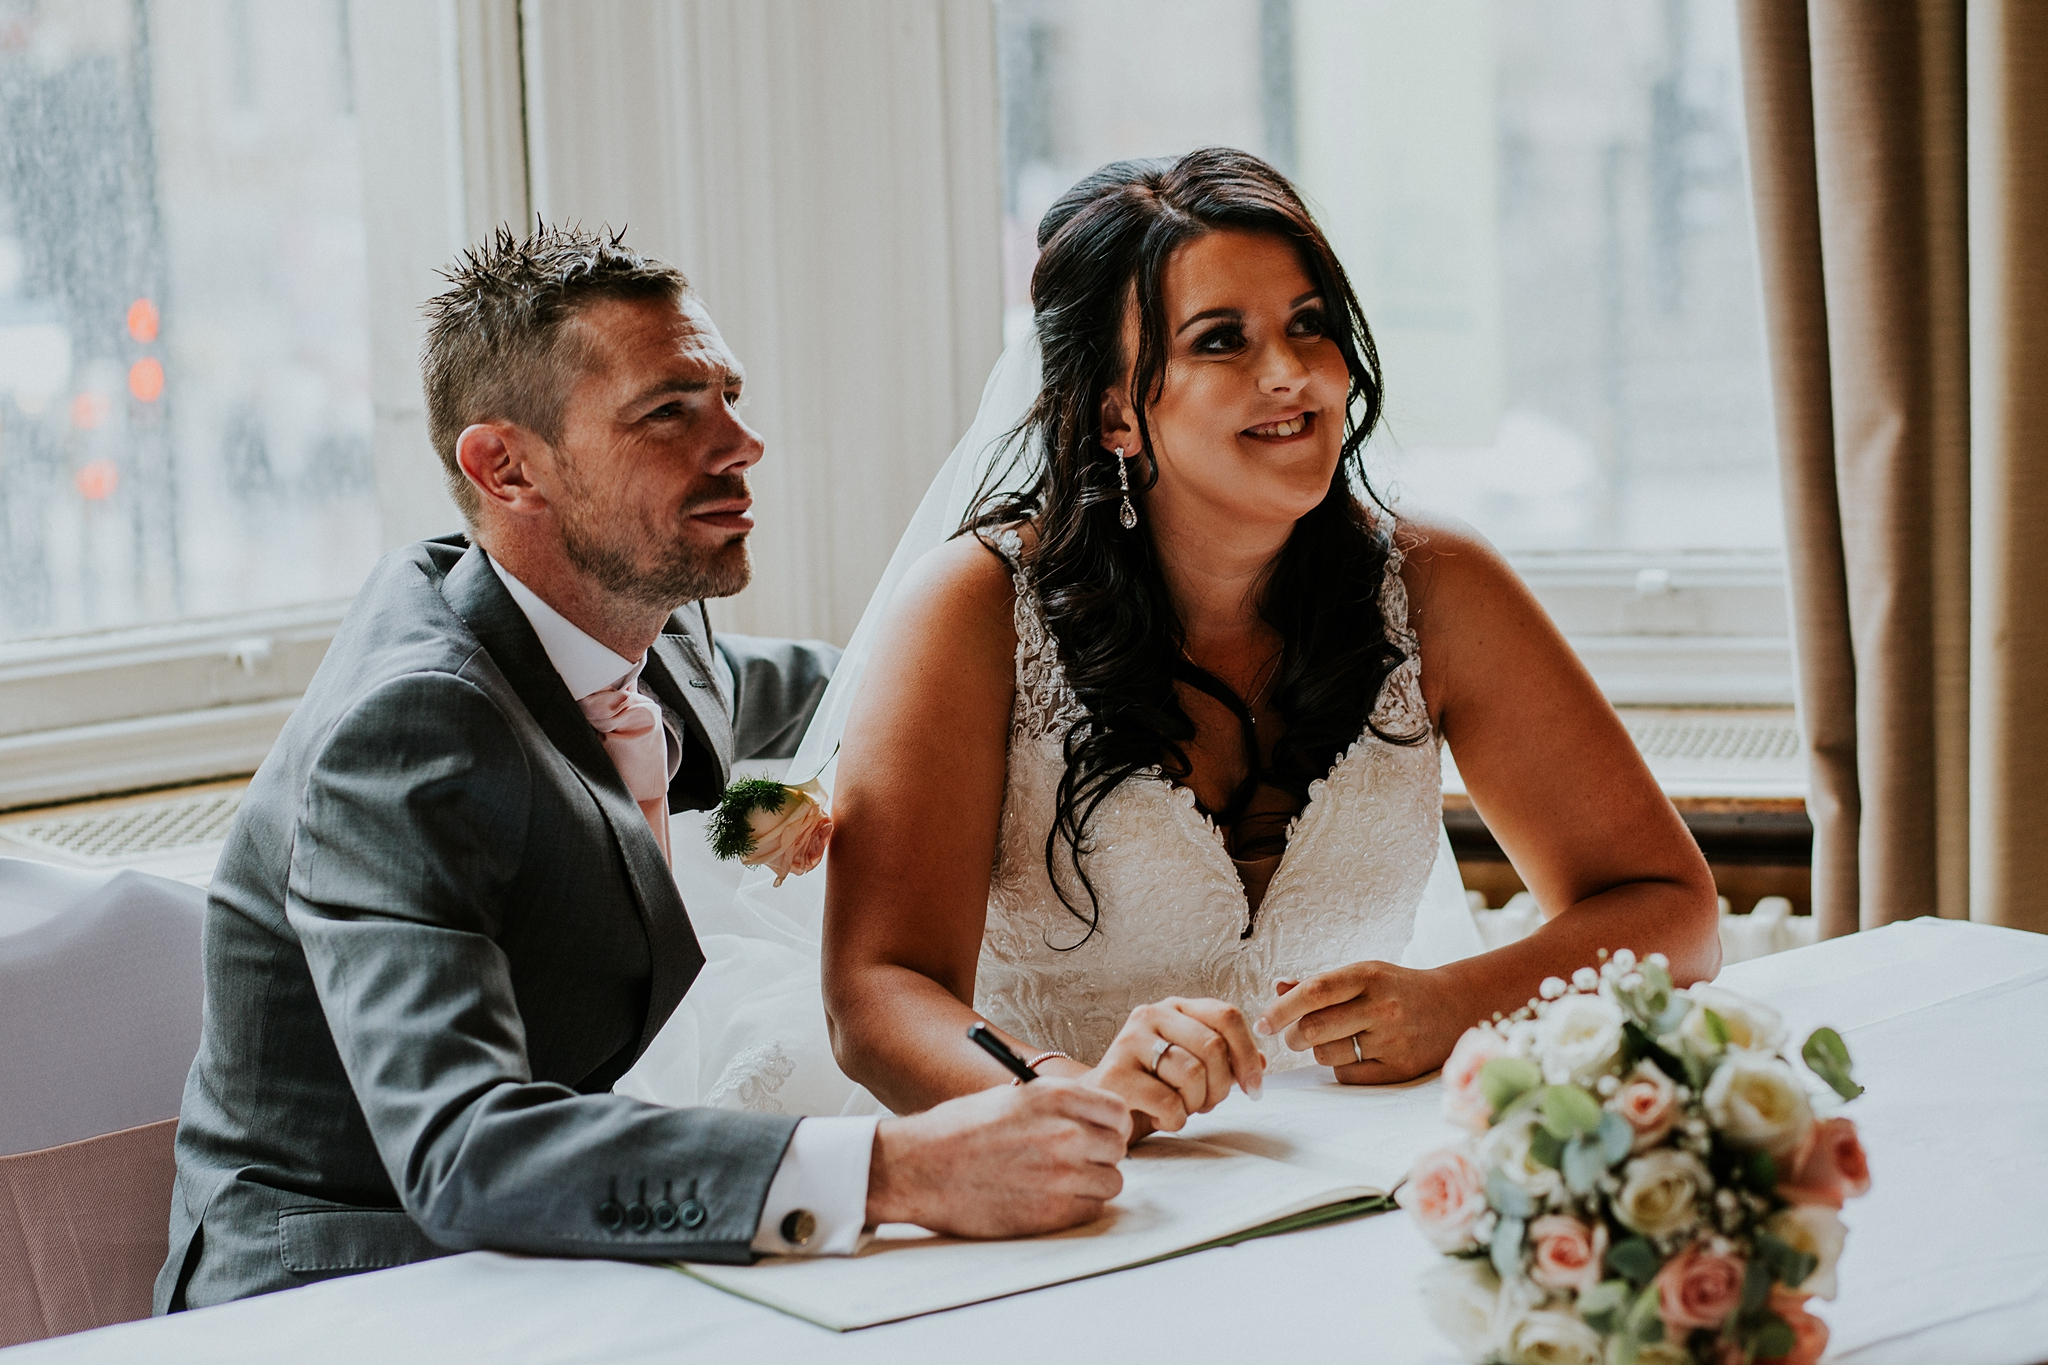 newcastle_upon_tyne_wedding_photographer-22.JPG